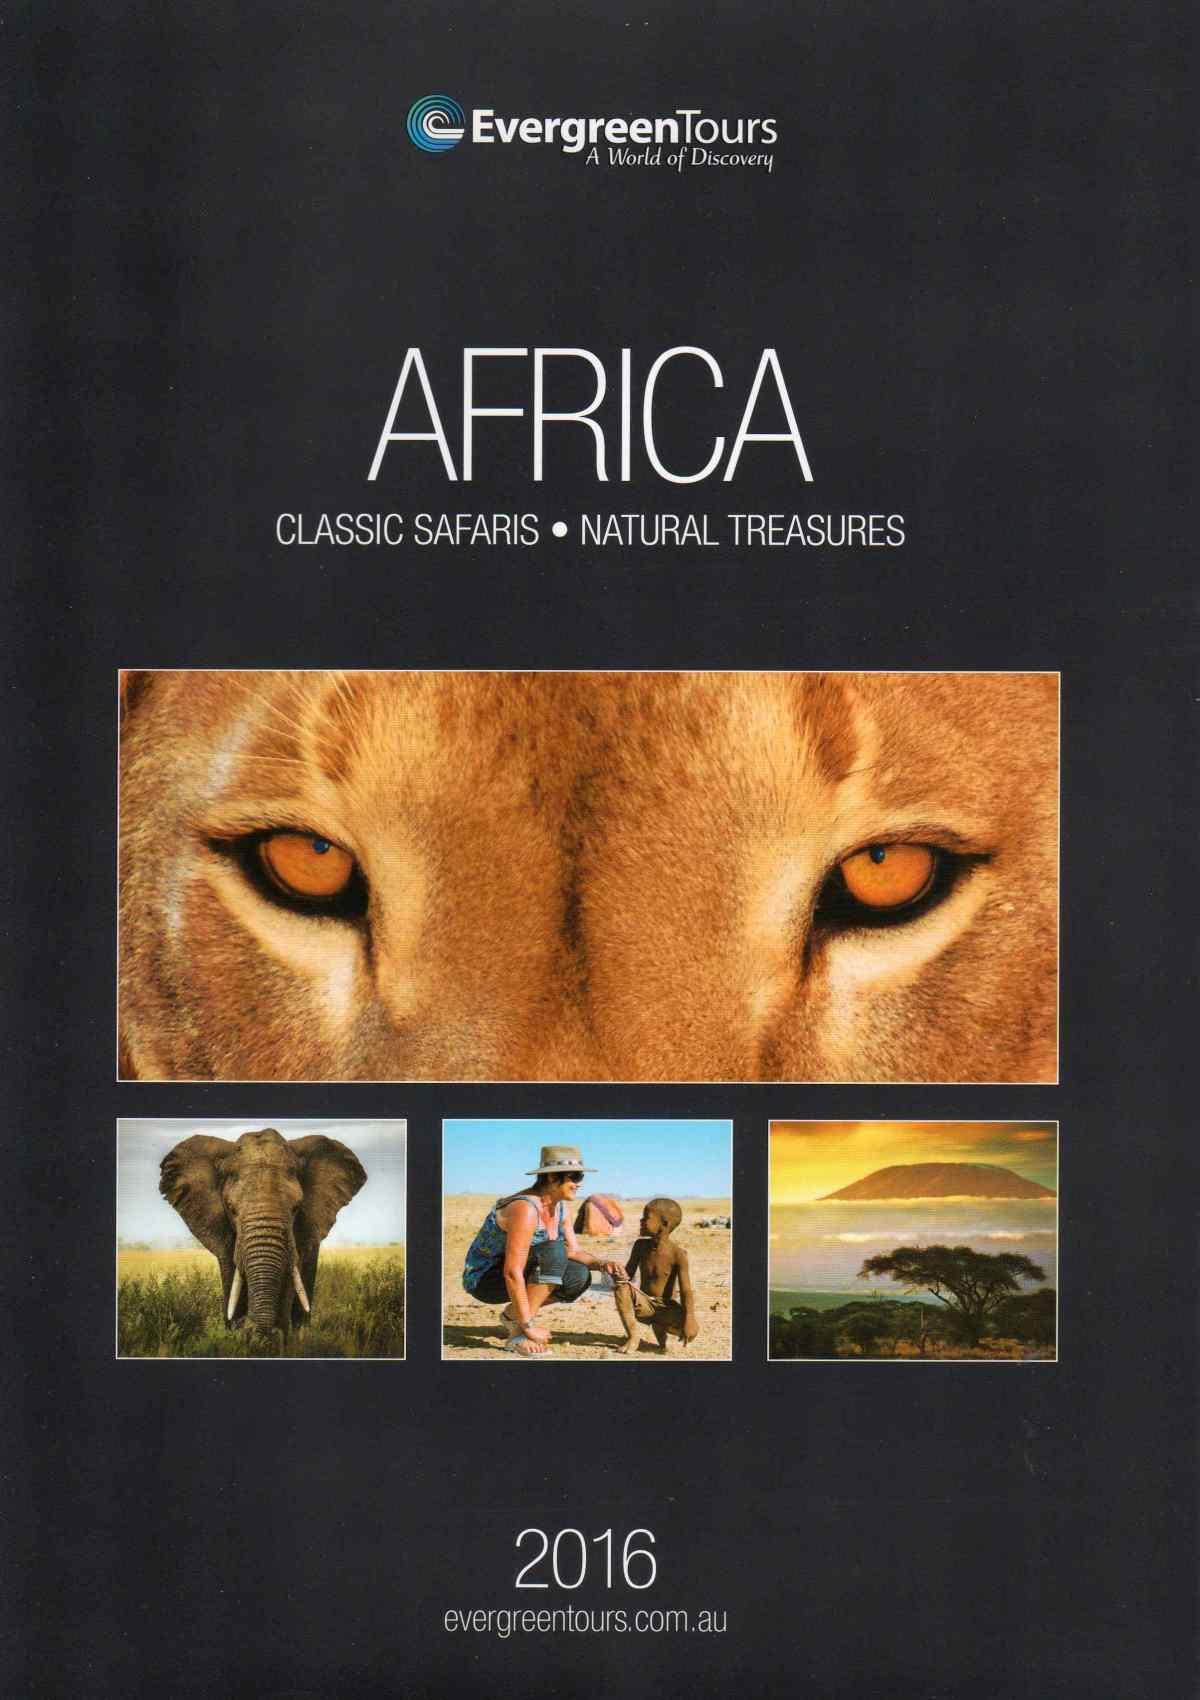 Evergreen Tours Africa Brochure